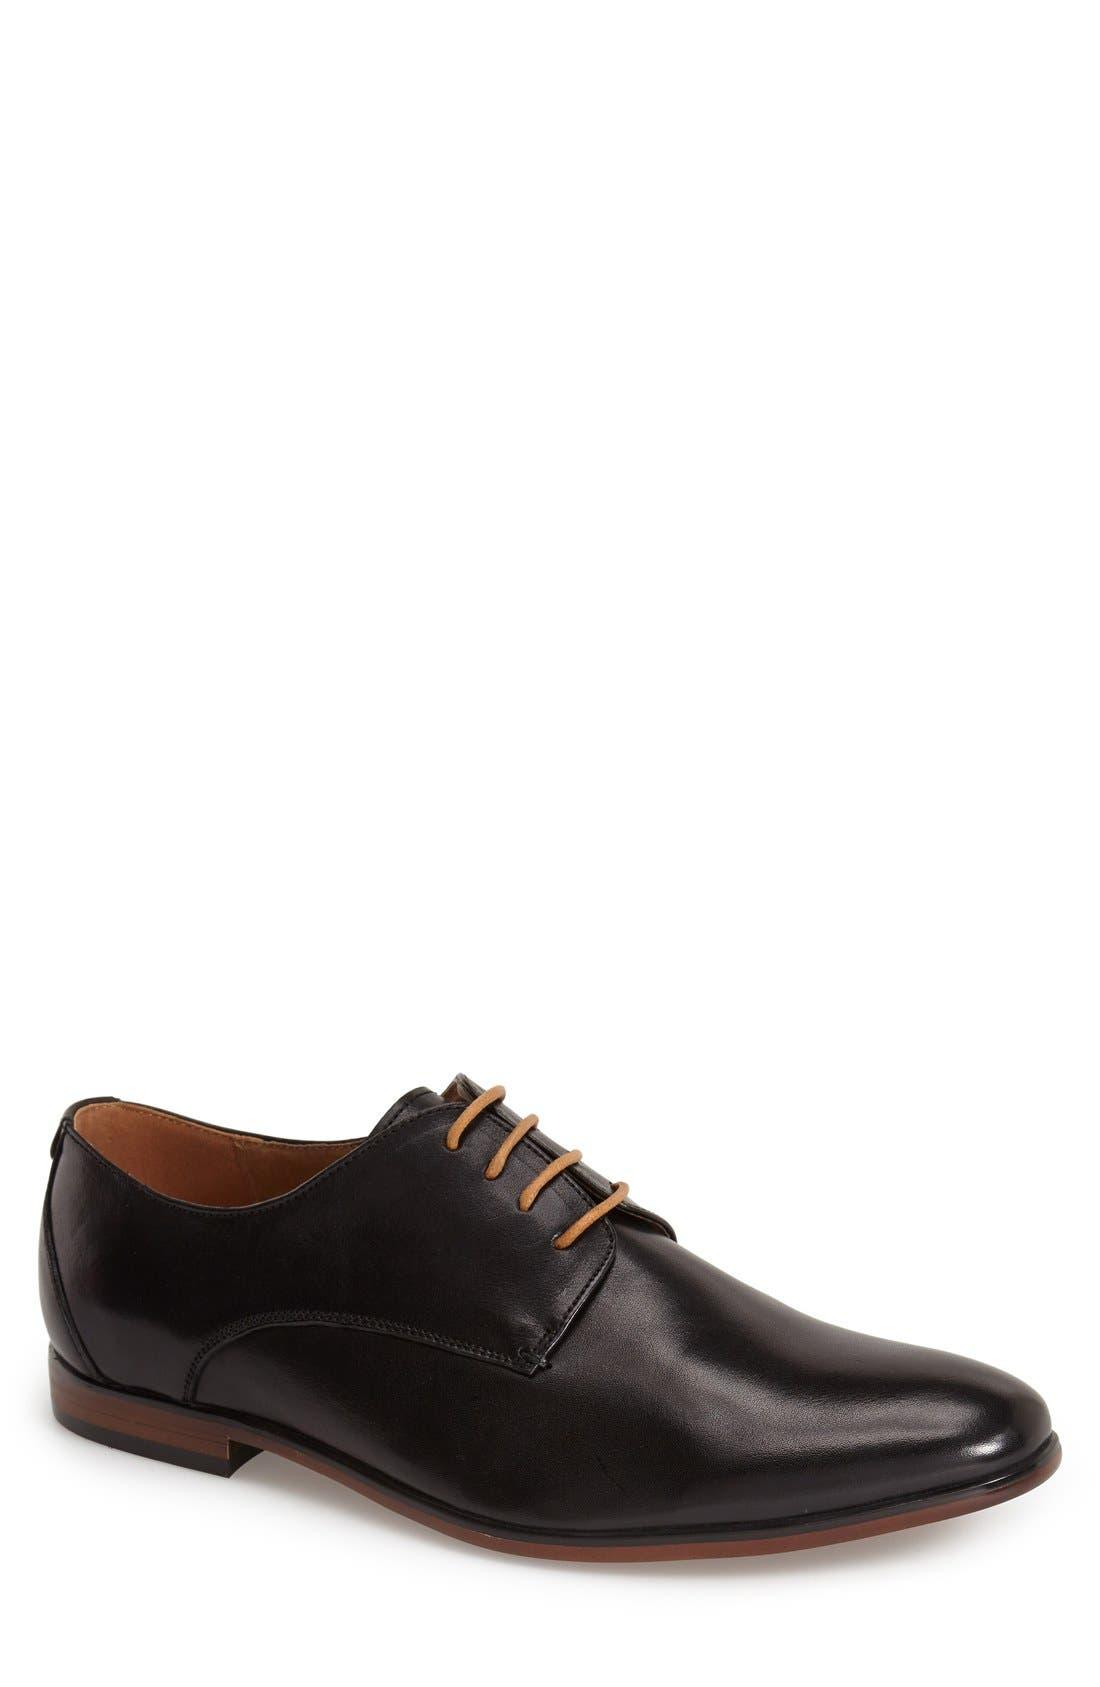 'Trotter' Plain Toe Derby, Main, color, 001